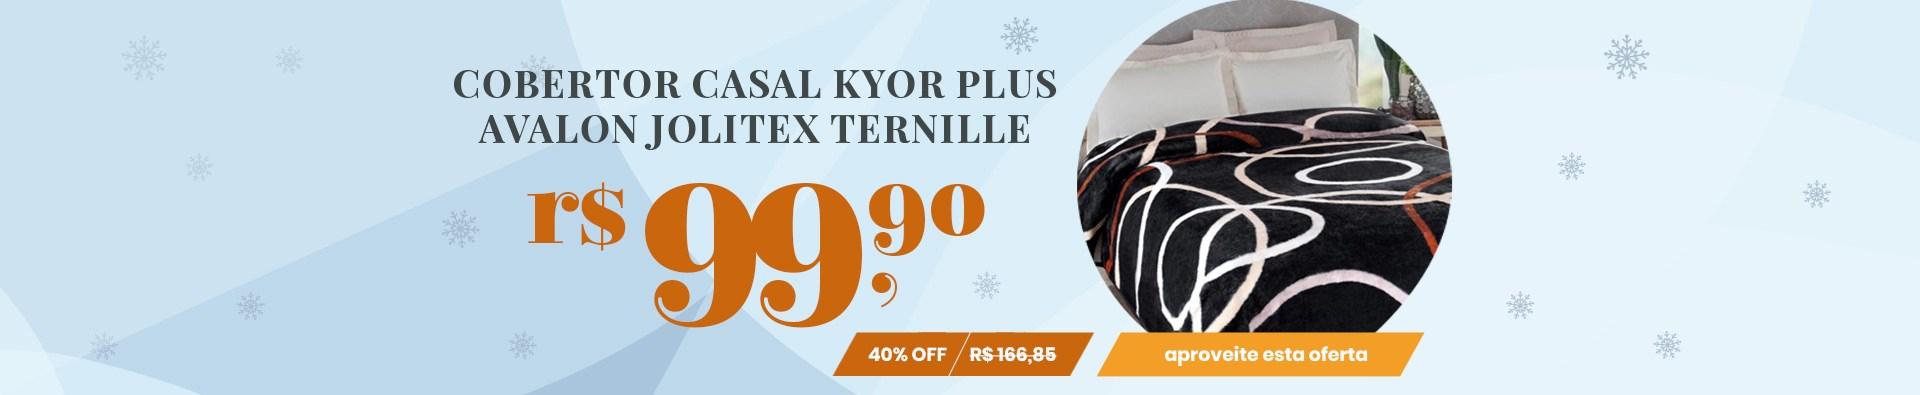 Cobertor Casal Kyor Plus Avalon